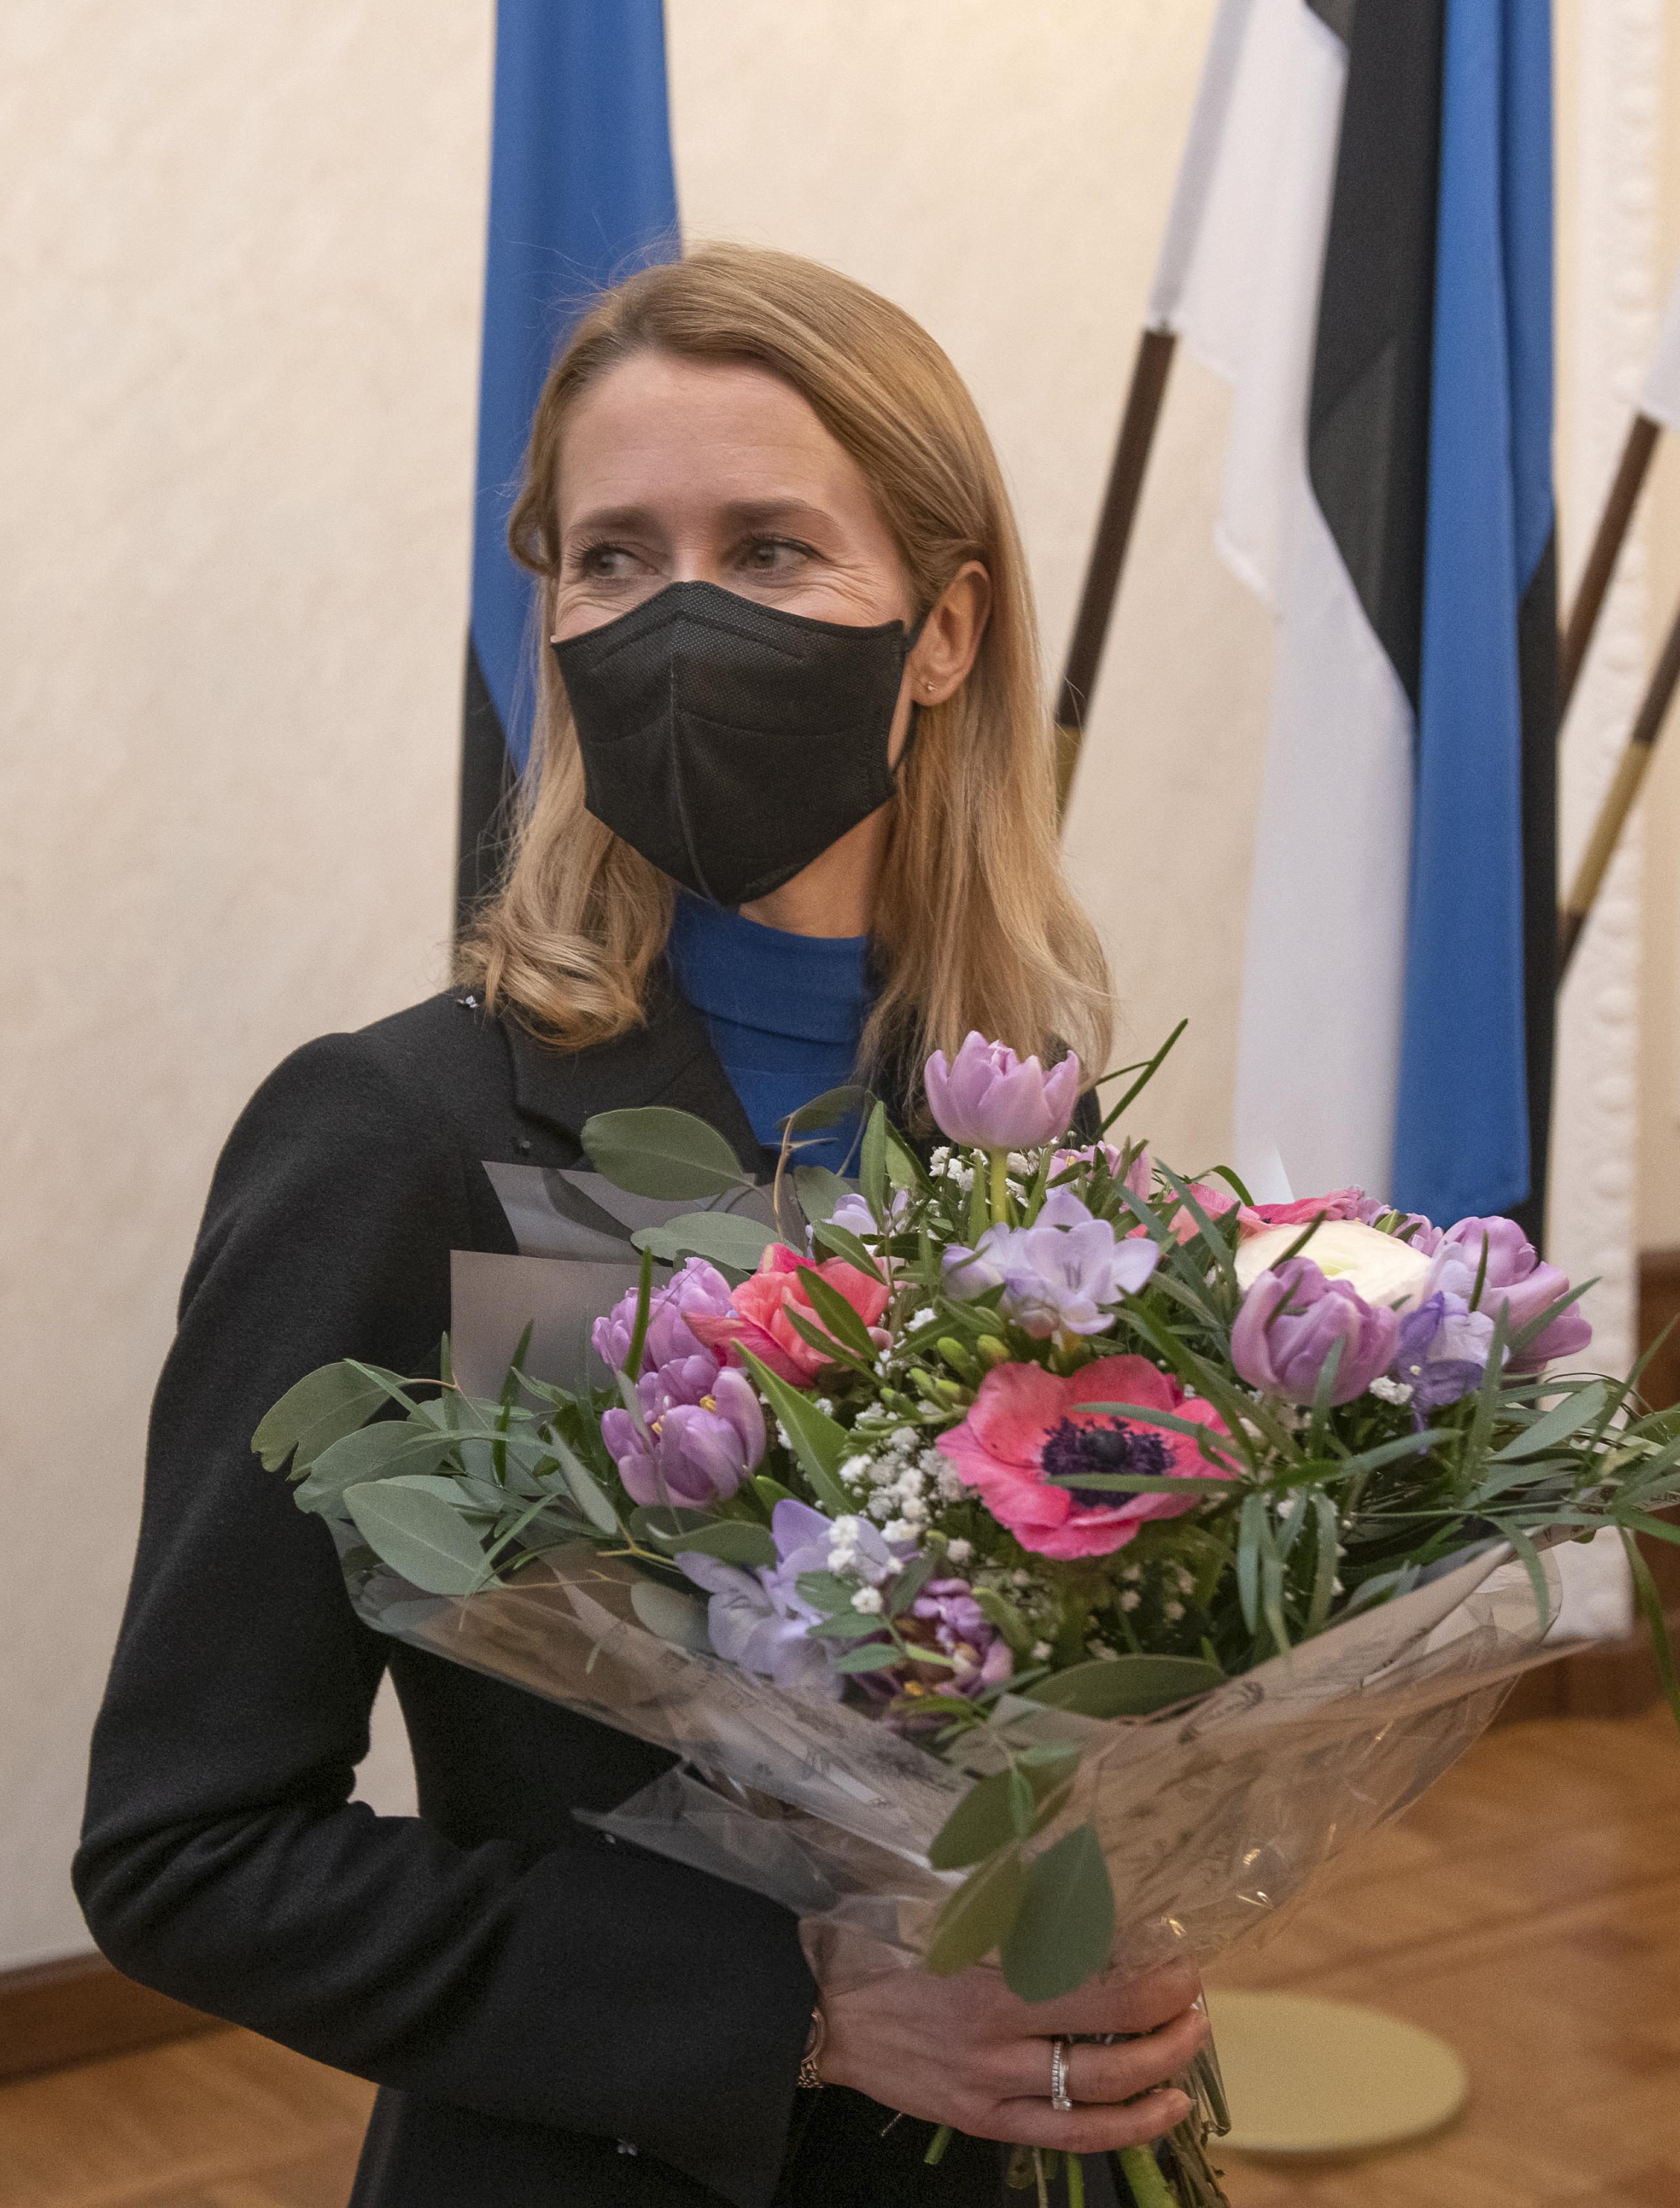 Európai értékeket és a klímaváltozás elleni harcot hoz magával Észtország első női miniszterelnöke